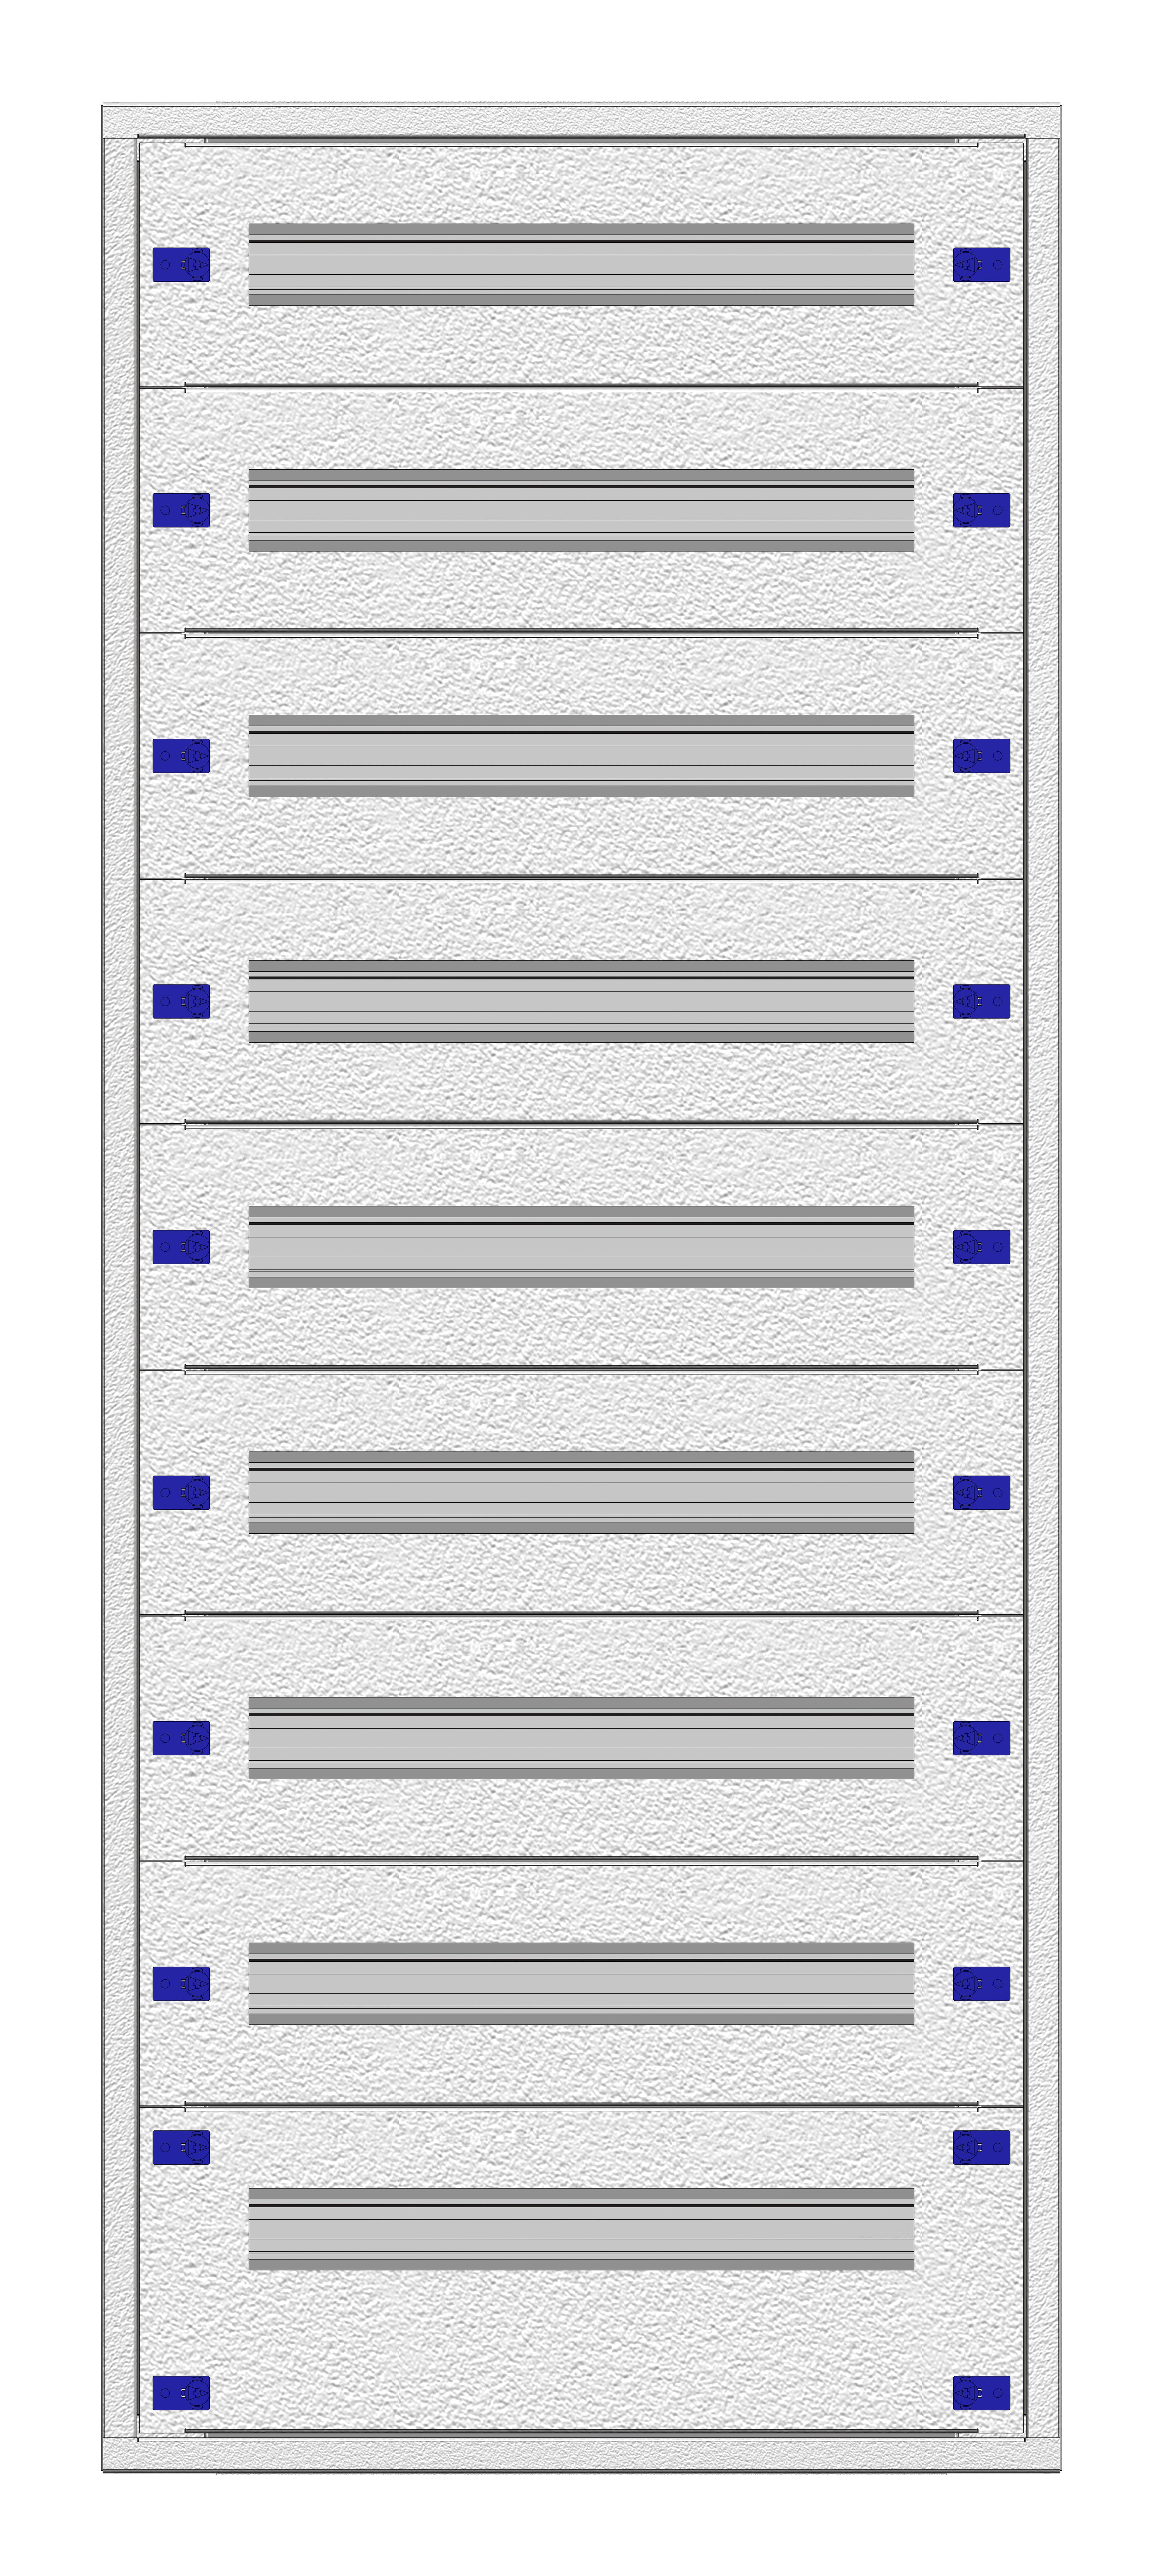 1 Stk Aufputz-Installationsverteiler 2A-28L, H1380B590T250mm IL172228AK